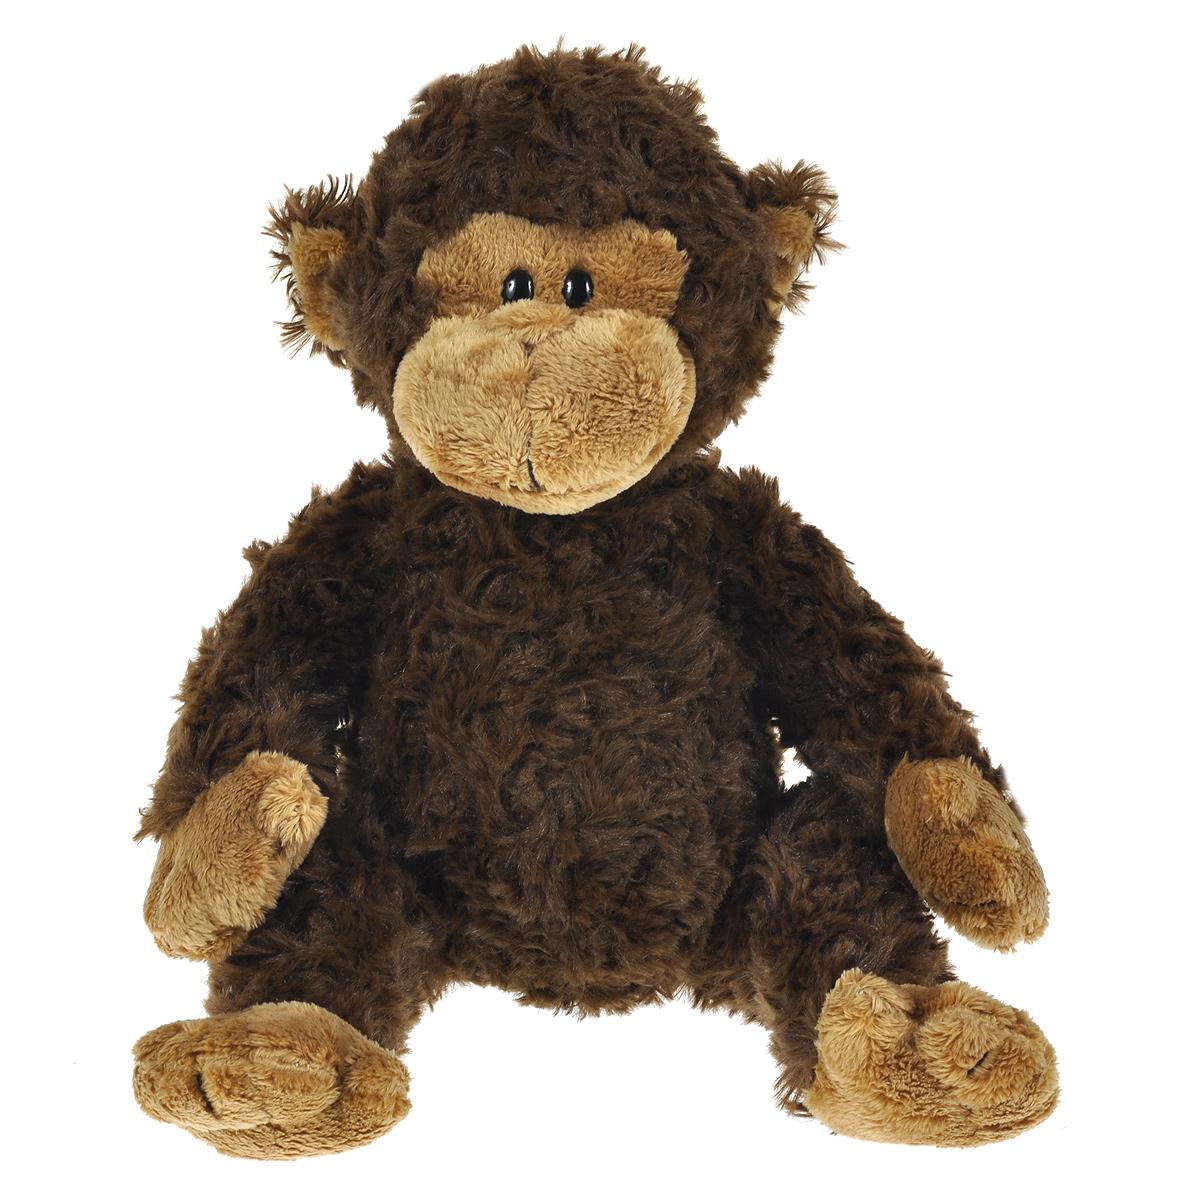 Мягкая игрушка The Classic Обезьянка Bungle, цвет: темно-коричневый, 24 см70028Очаровательная мягкая игрушка The Classic Обезьянка Bungle, выполненная в виде темно-коричневой обезьянки с добрыми глазками, вызовет умиление и улыбку у каждого, кто ее увидит. Игрушка очень мягкая и приятная на ощупь. Удивительно мягкая игрушка принесет радость и подарит своему обладателю мгновения нежных объятий и приятных воспоминаний. Специальные гранулы, используемые при ее набивке, способствуют развитию мелкой моторики рук малыша. В качестве набивки используется синтепон. Великолепное качество исполнения делают эту игрушку чудесным подарком к любому празднику.